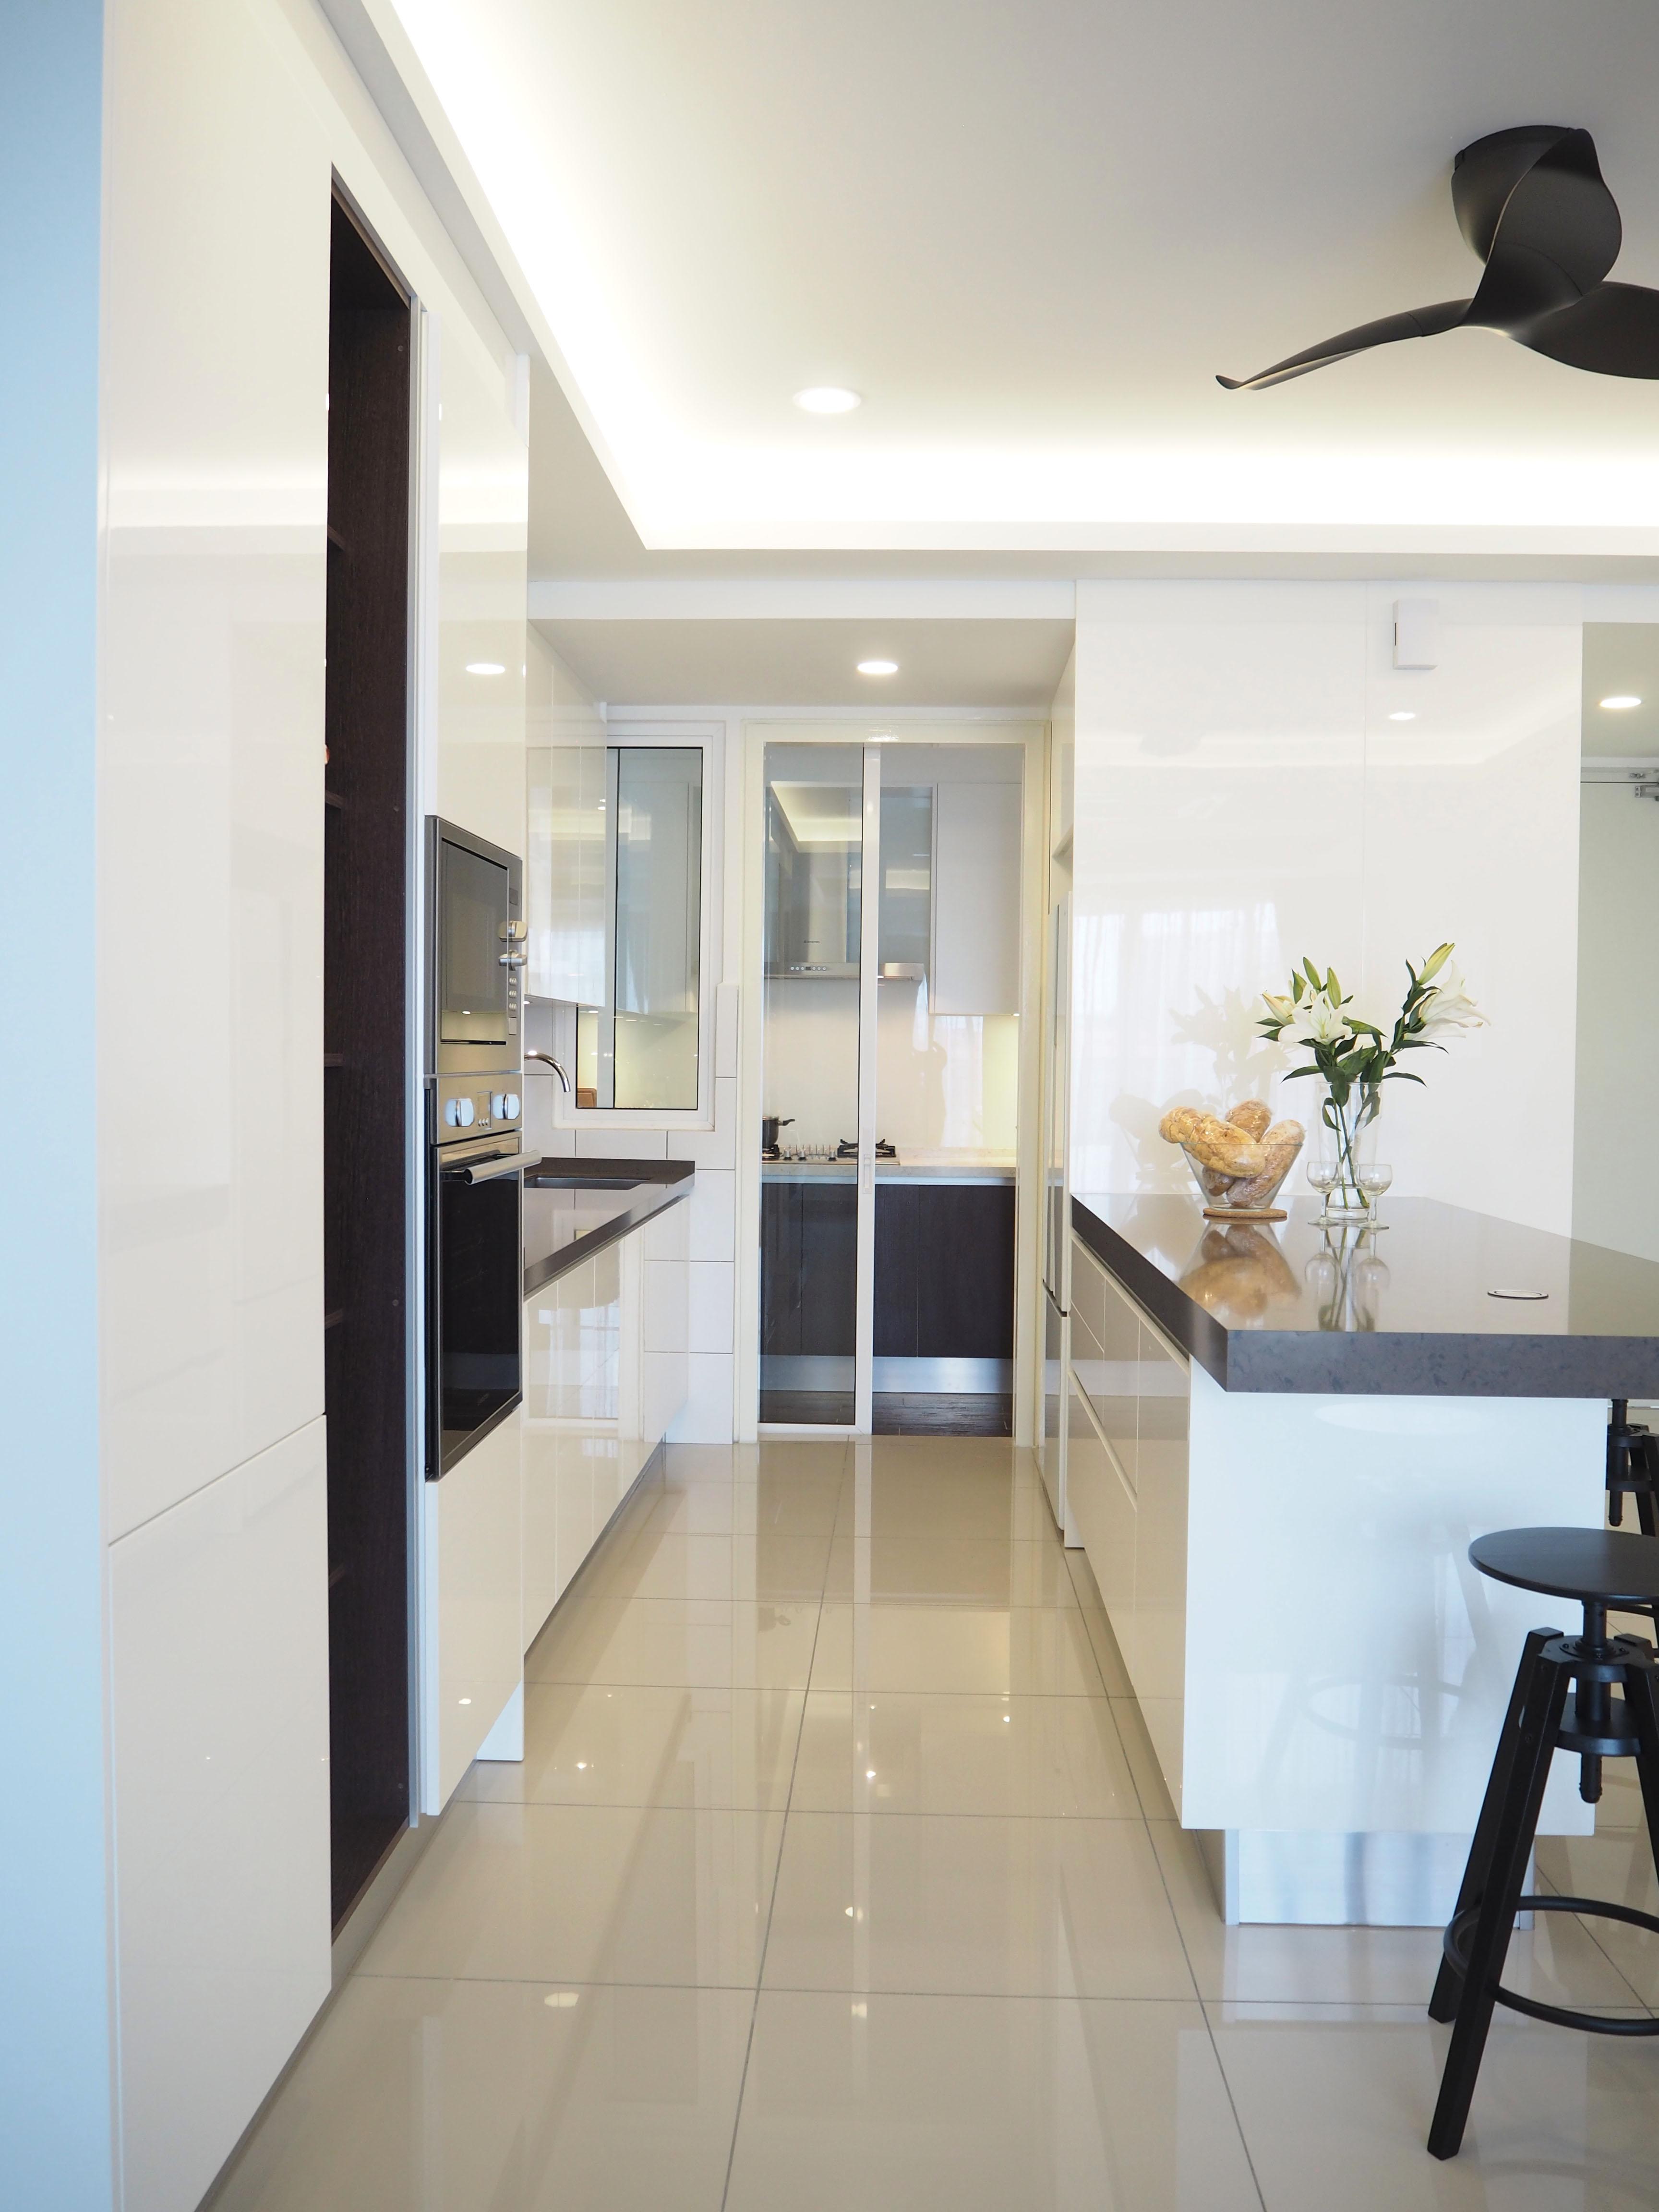 Sleek high gloss kitchen 6